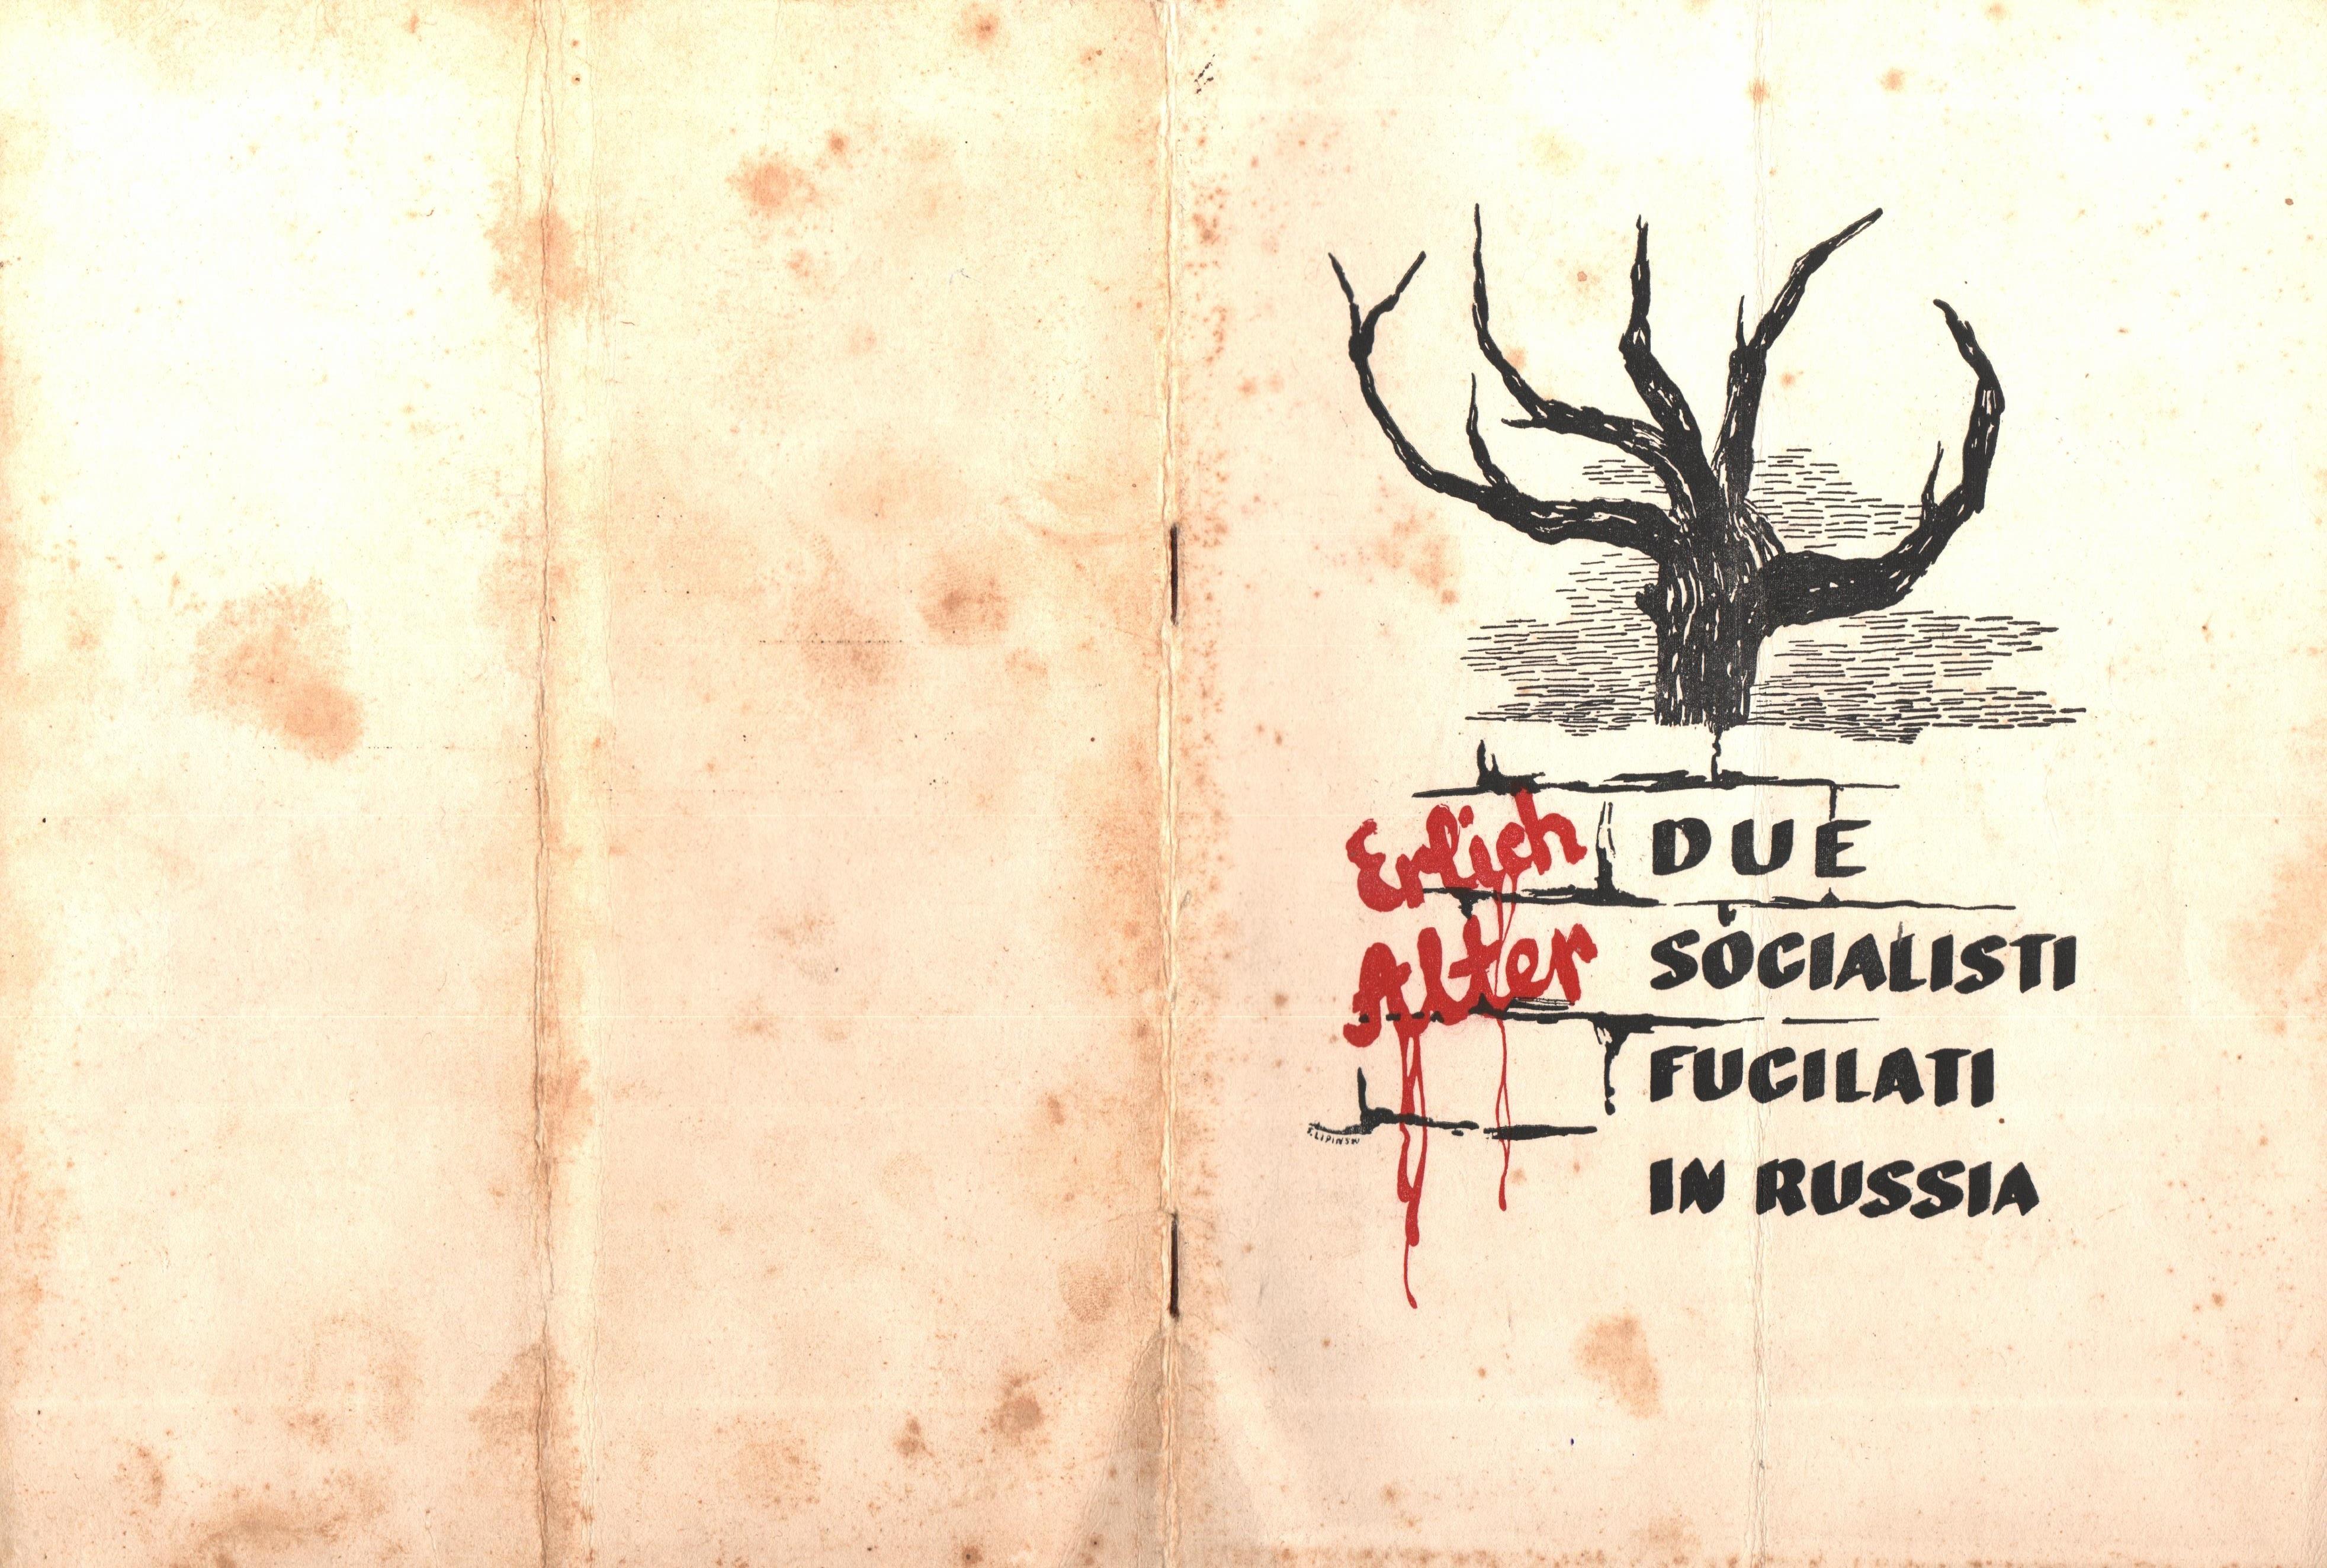 Due socialisti fucilati in Russia - pag. 01